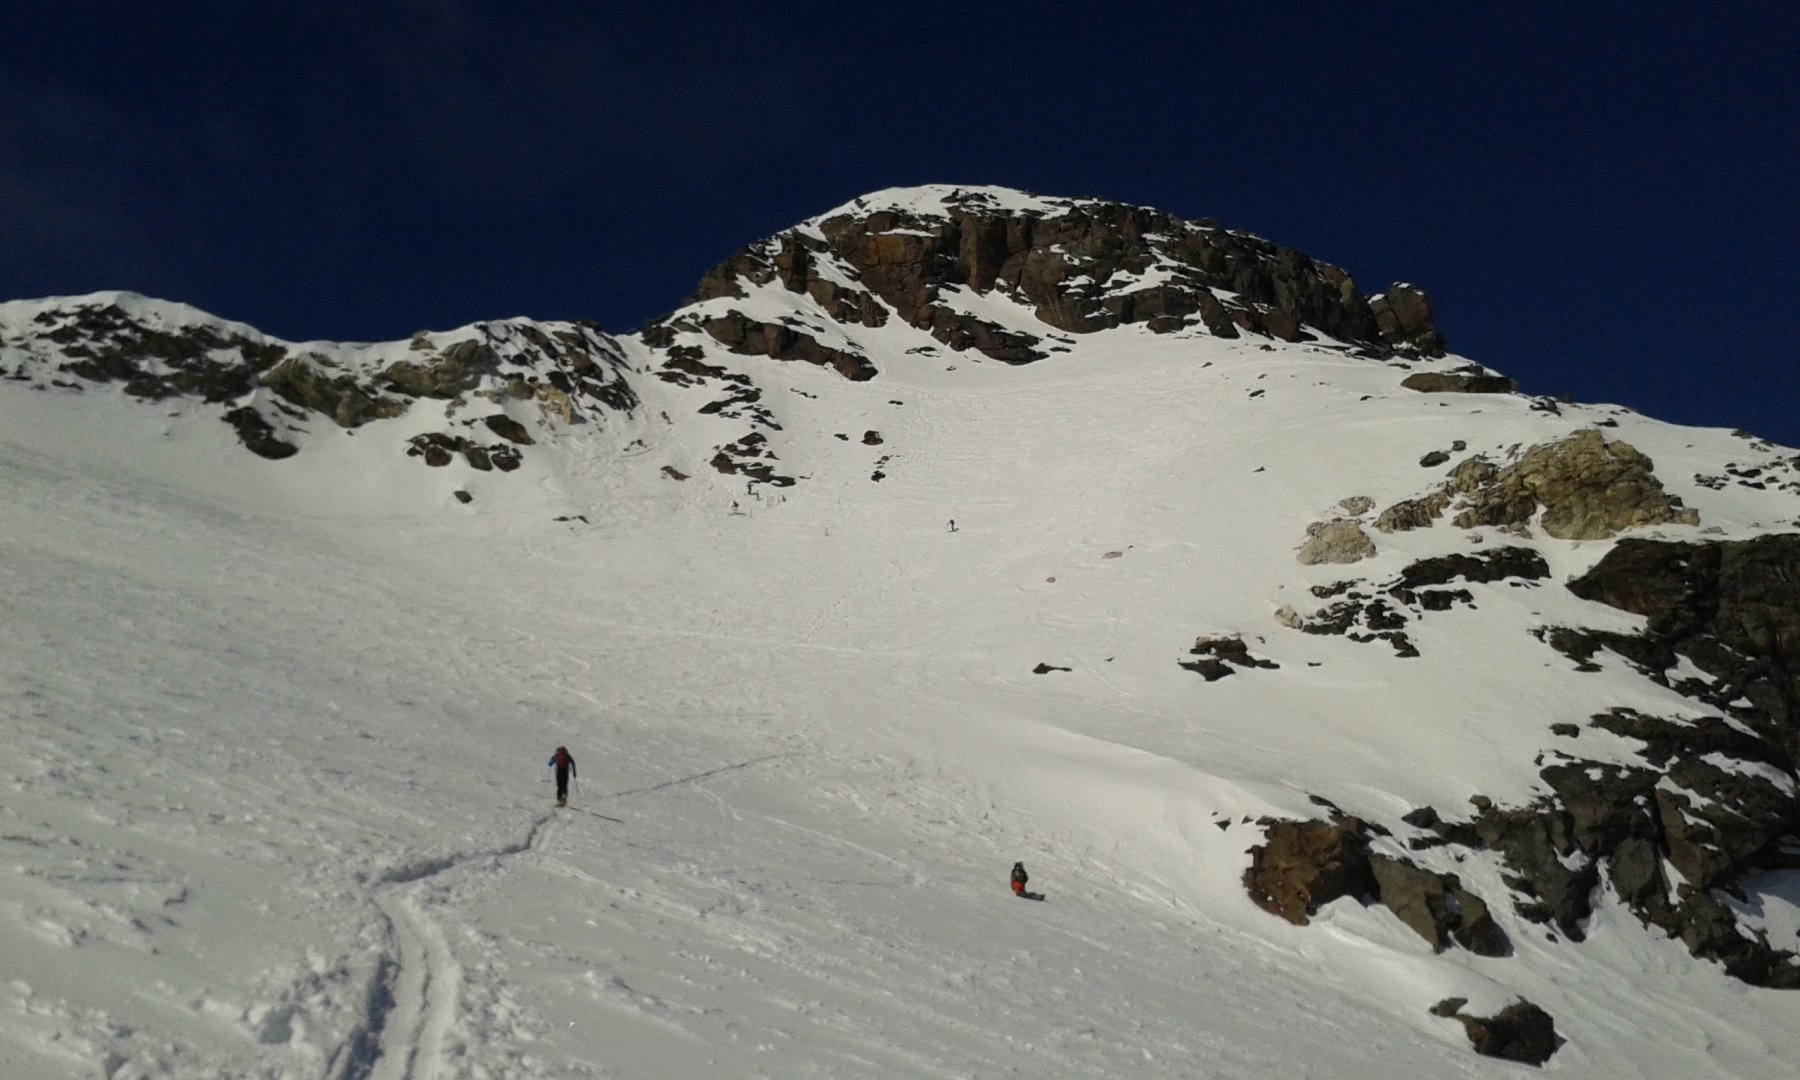 Quasi al deposito sci